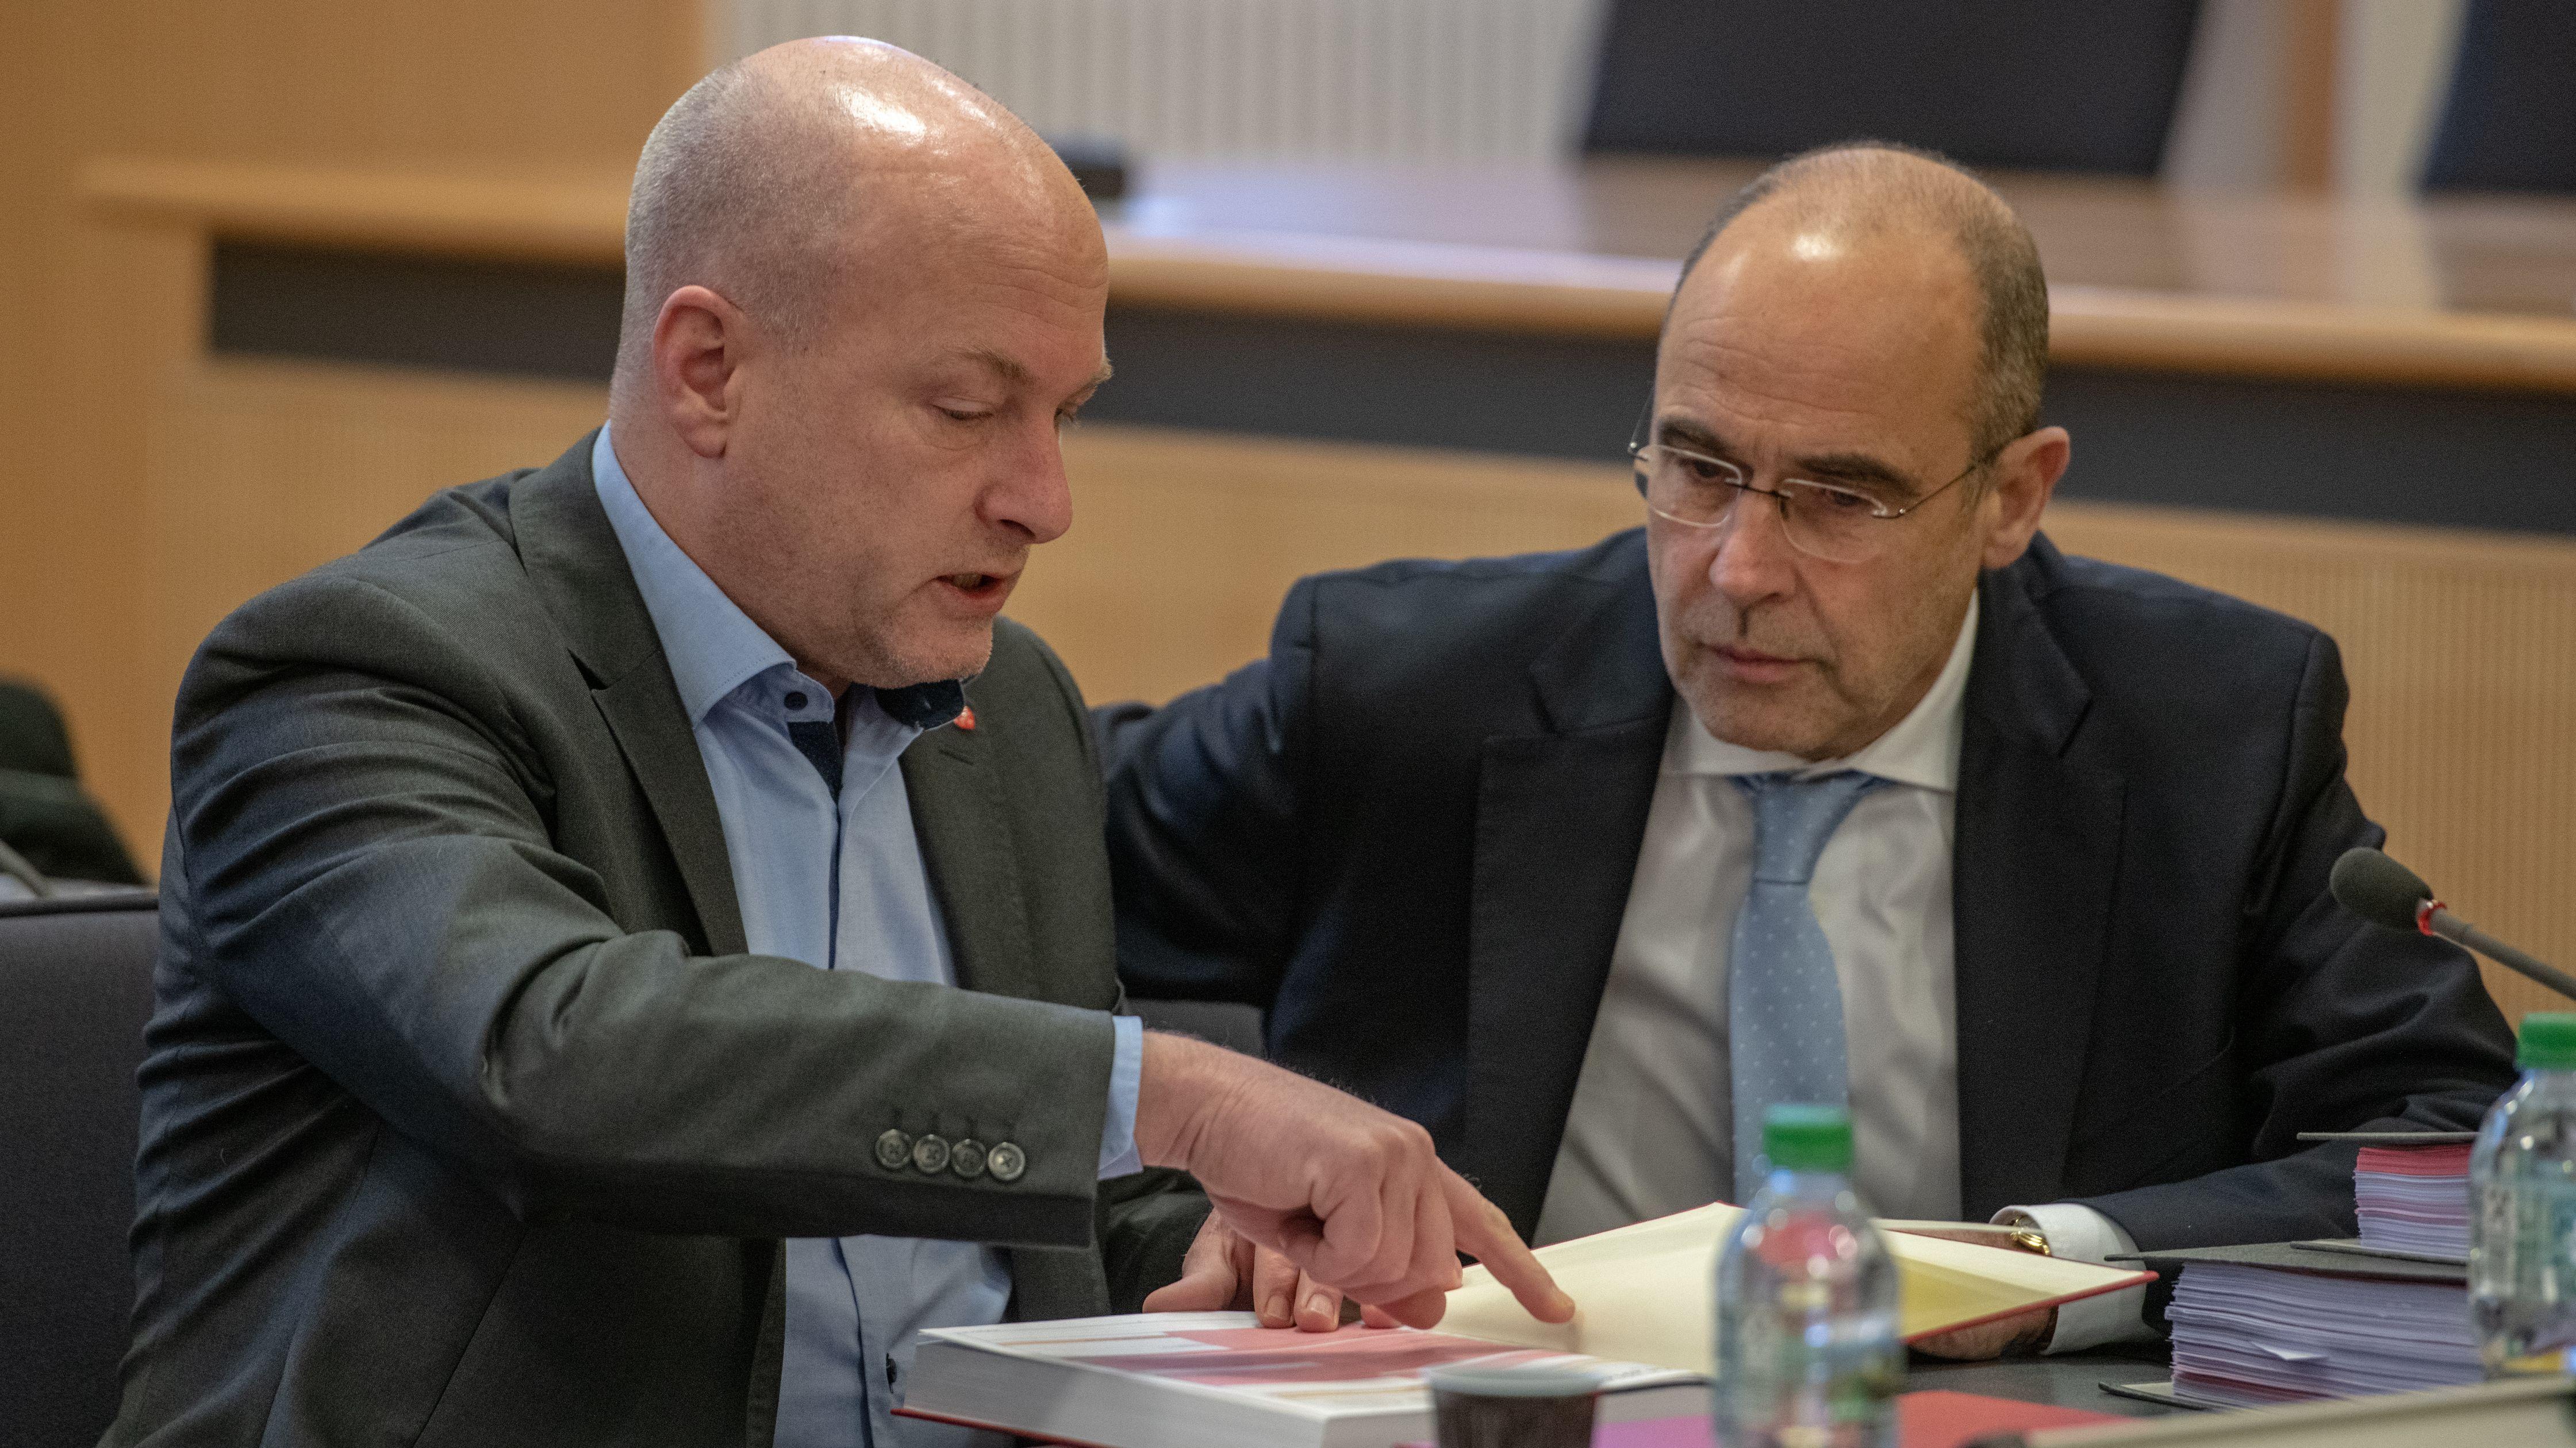 Joachim Wolbergs (ehem. SPD) sitzt im Gerichtssaal des Landgerichts neben seinem Verteidiger Peter Witting.